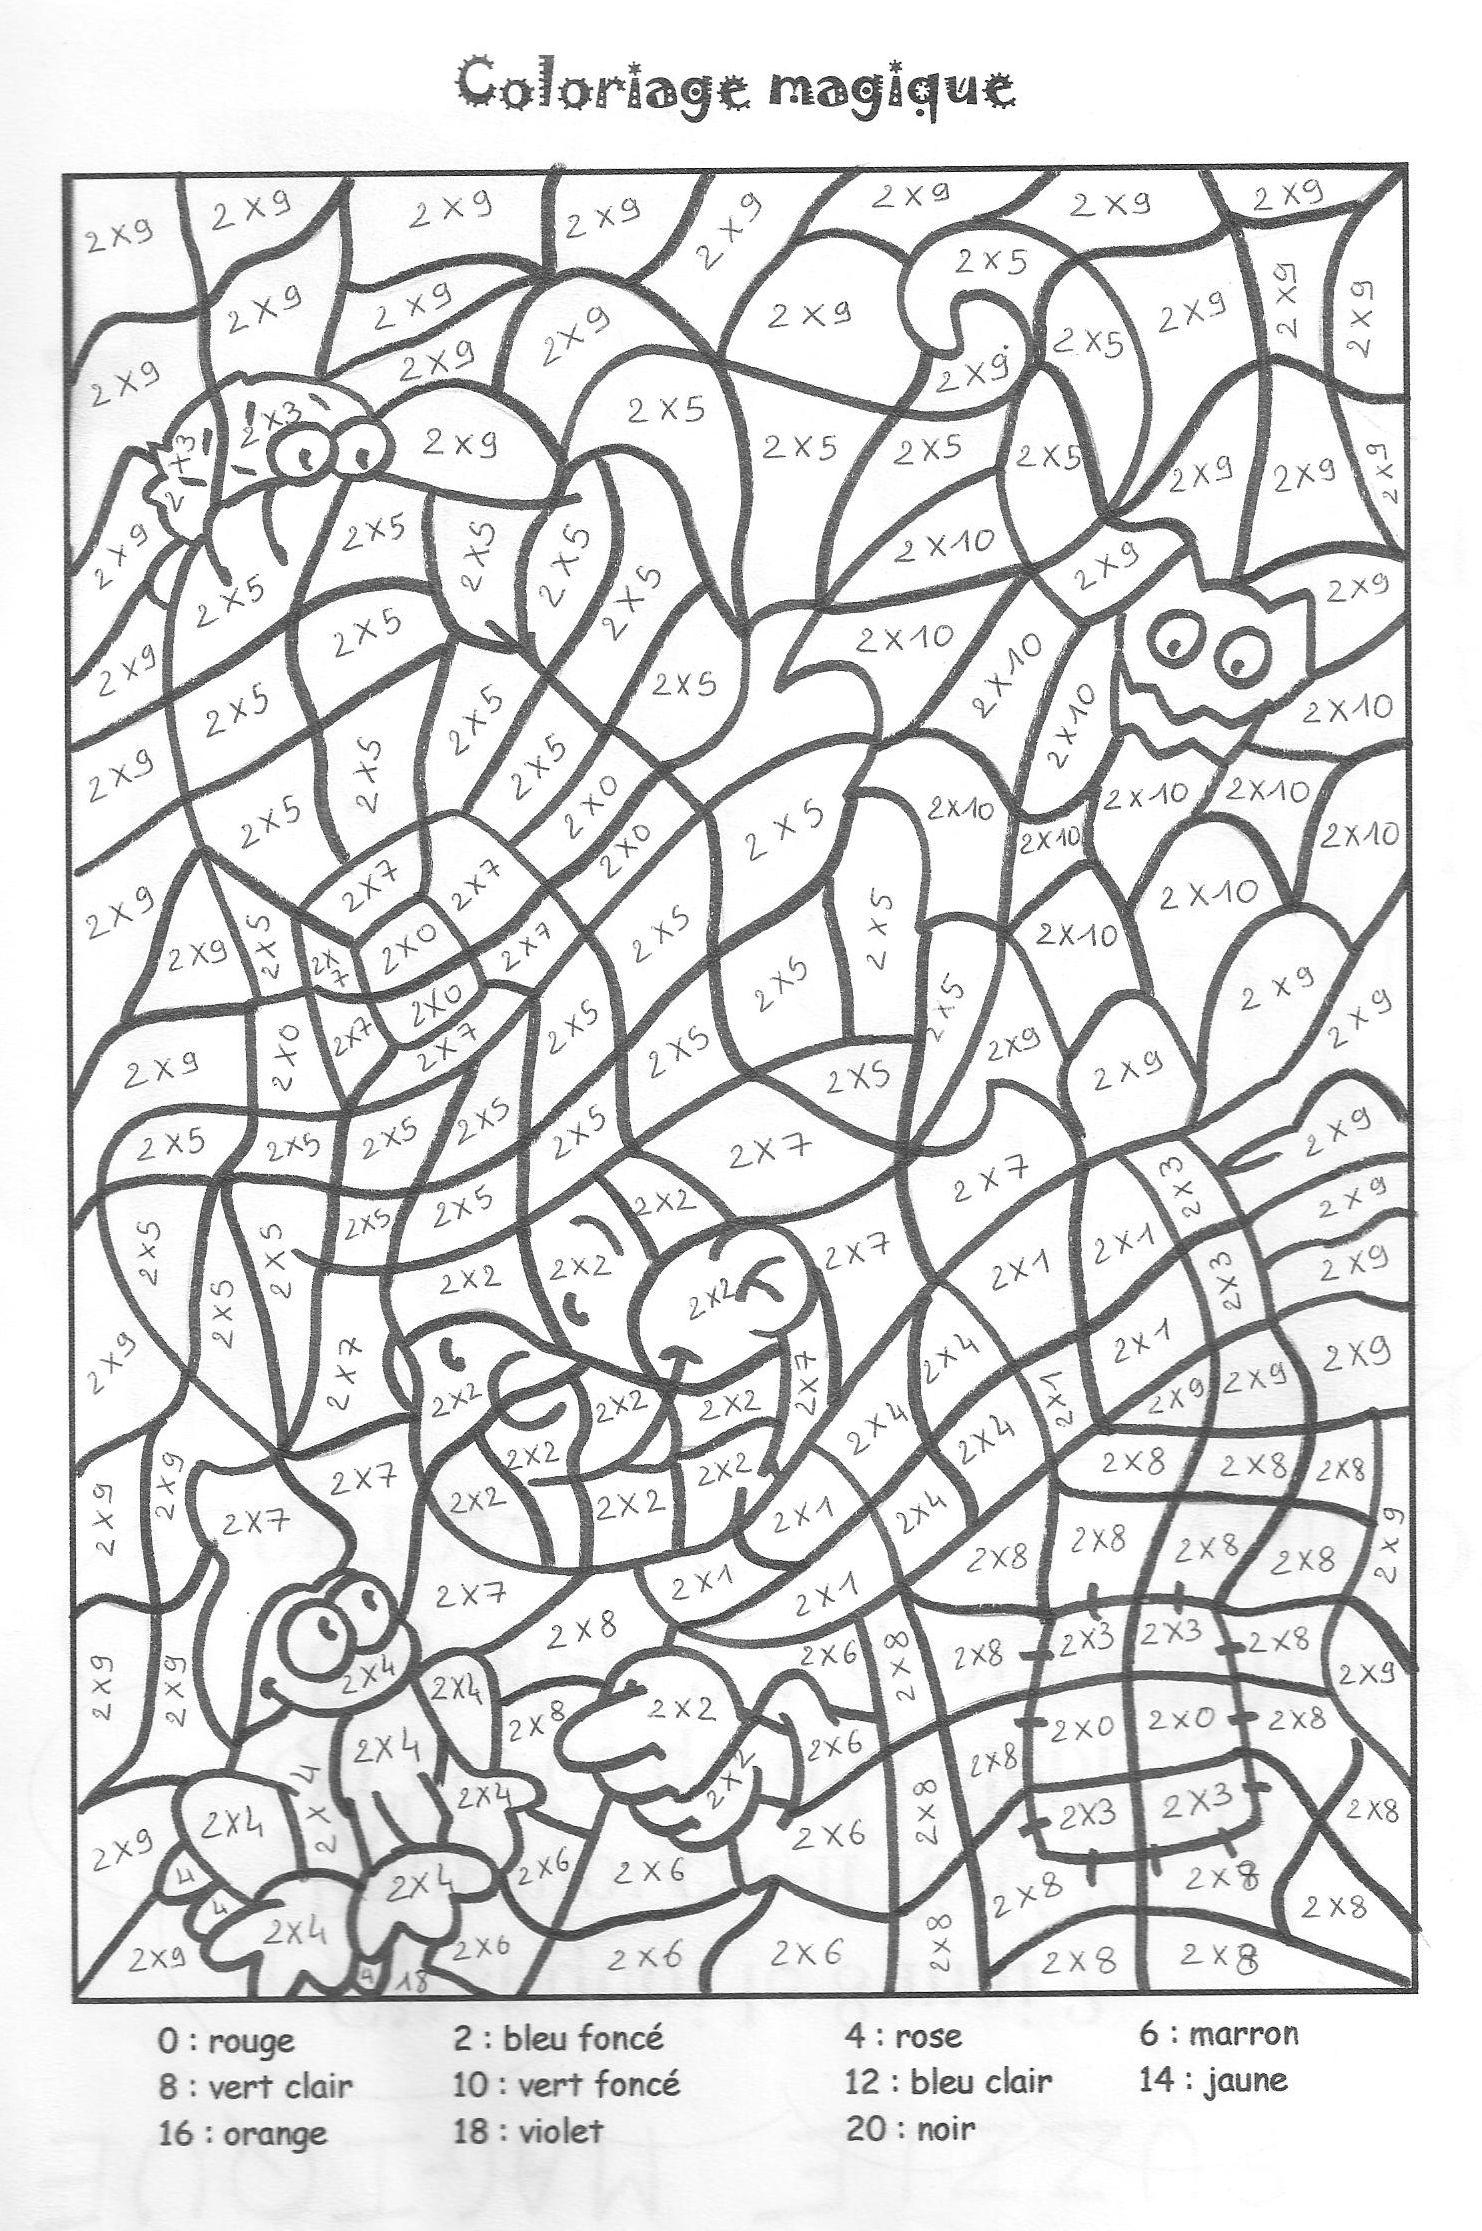 Coloriage Magique 4 À Imprimer - Coloriages Magiques À dedans Coloriage Magique 4 Ans